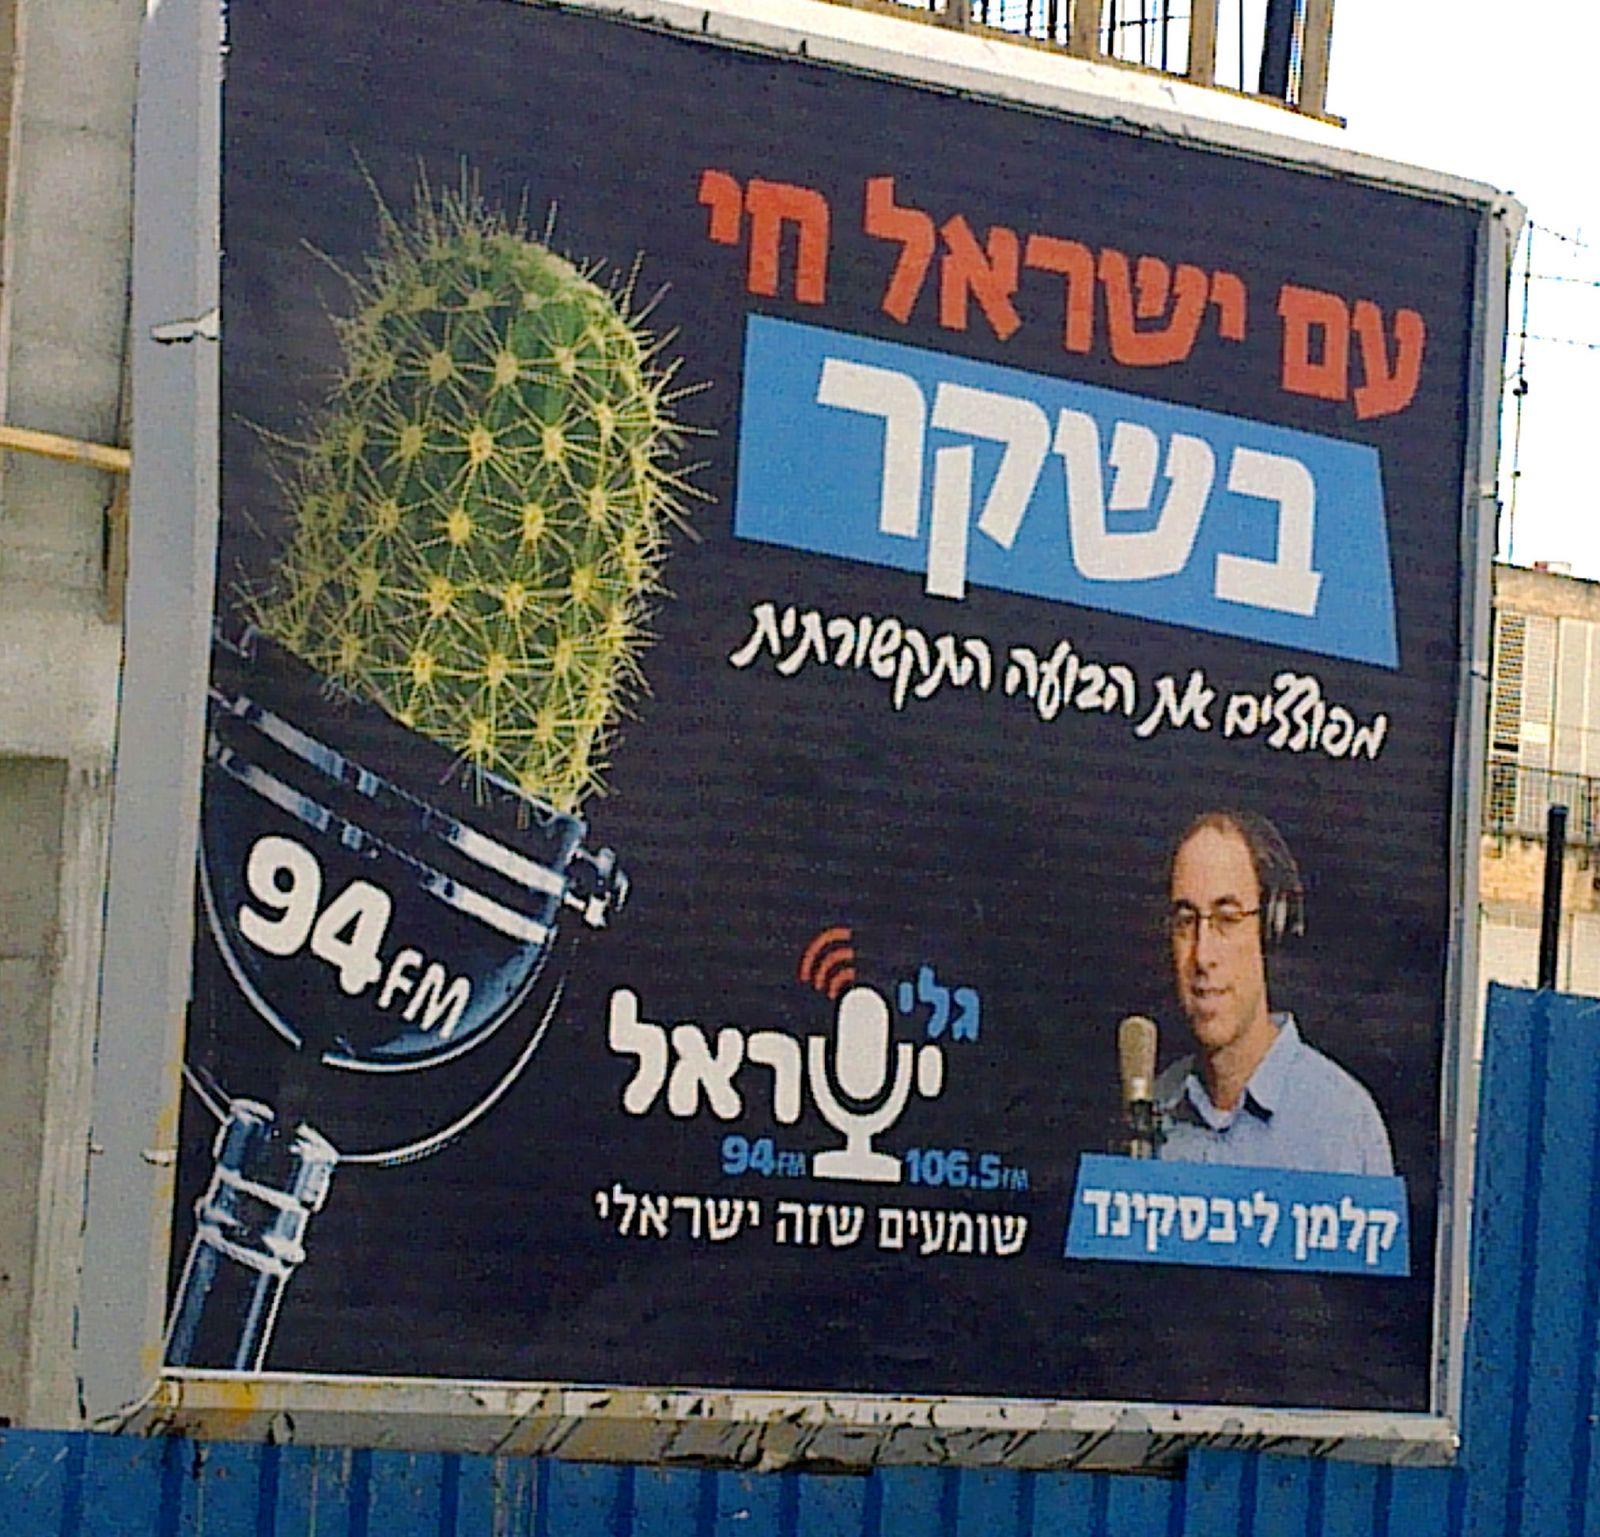 """מודעת פרסום לרדיו """"גלי ישראל"""" ברעננה (צילום: """"העין השביעית"""")"""